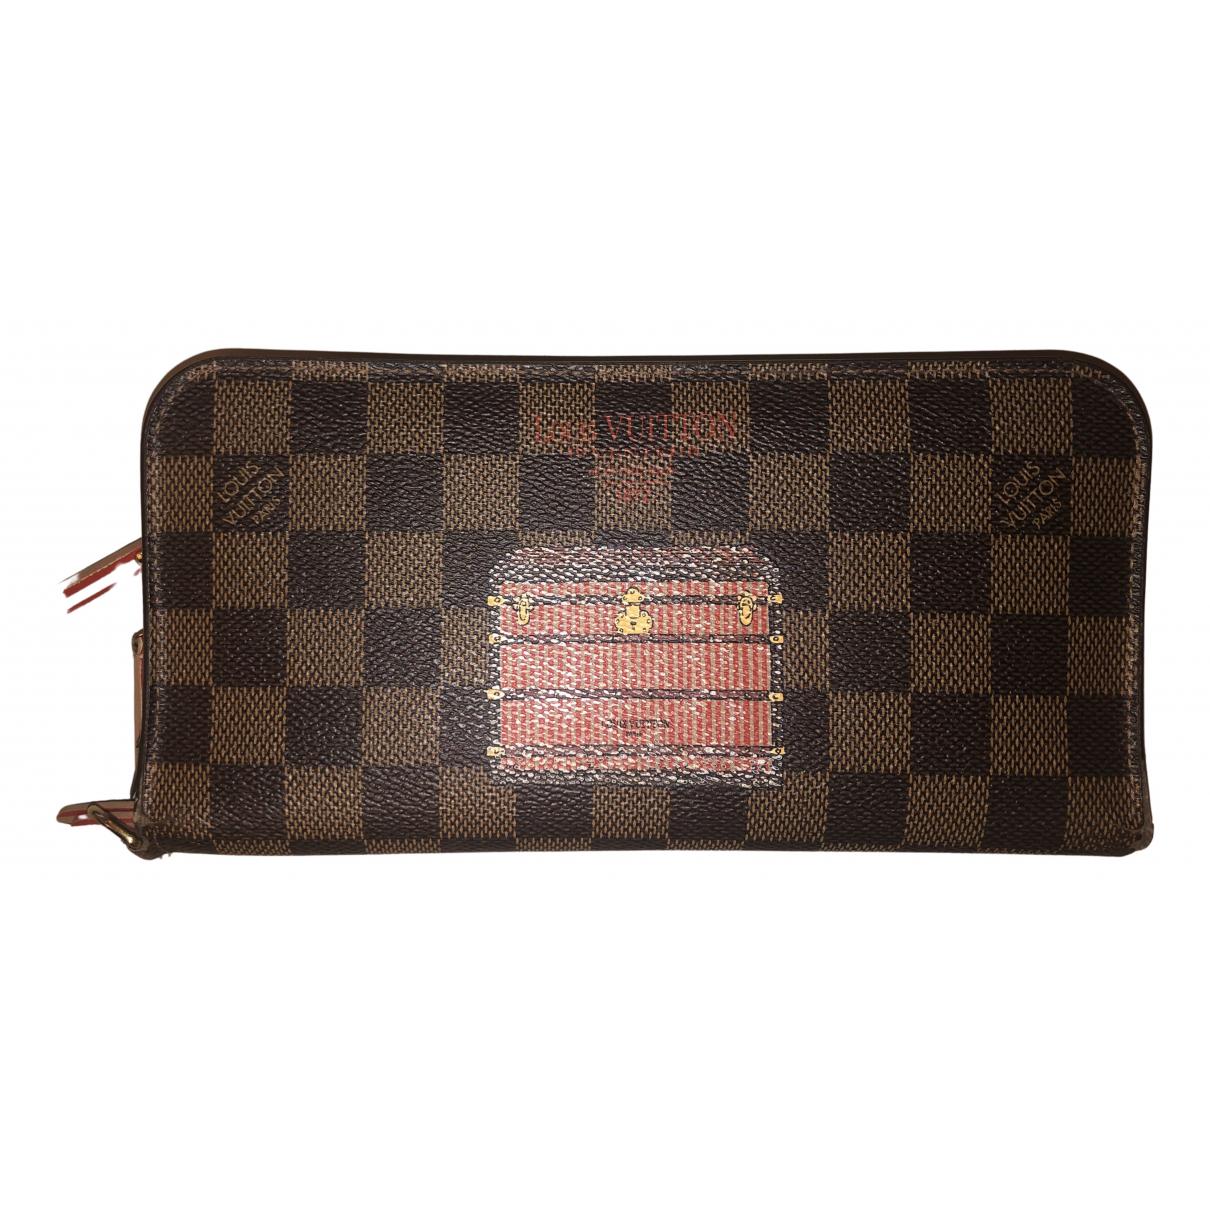 Louis Vuitton - Portefeuille   pour femme en toile - marron